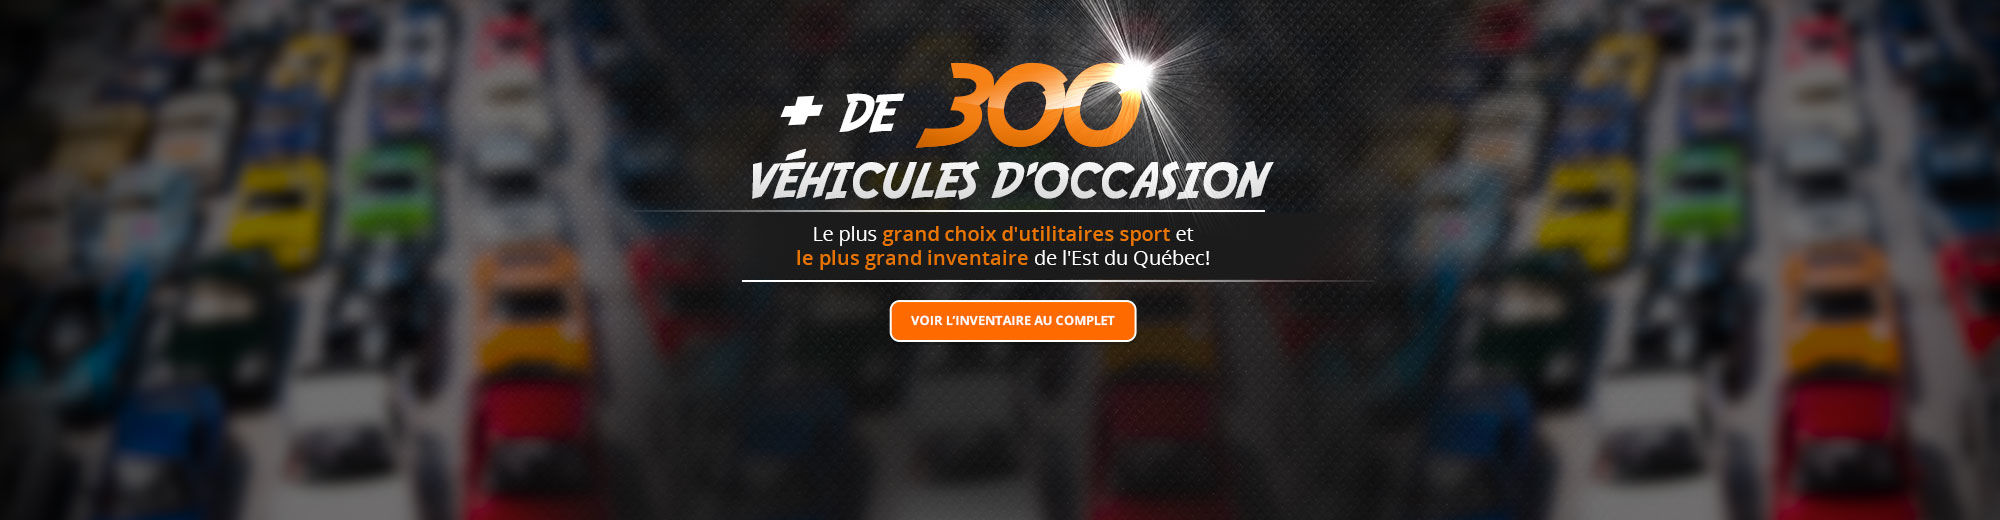 + de 300 véhicules d'occasion